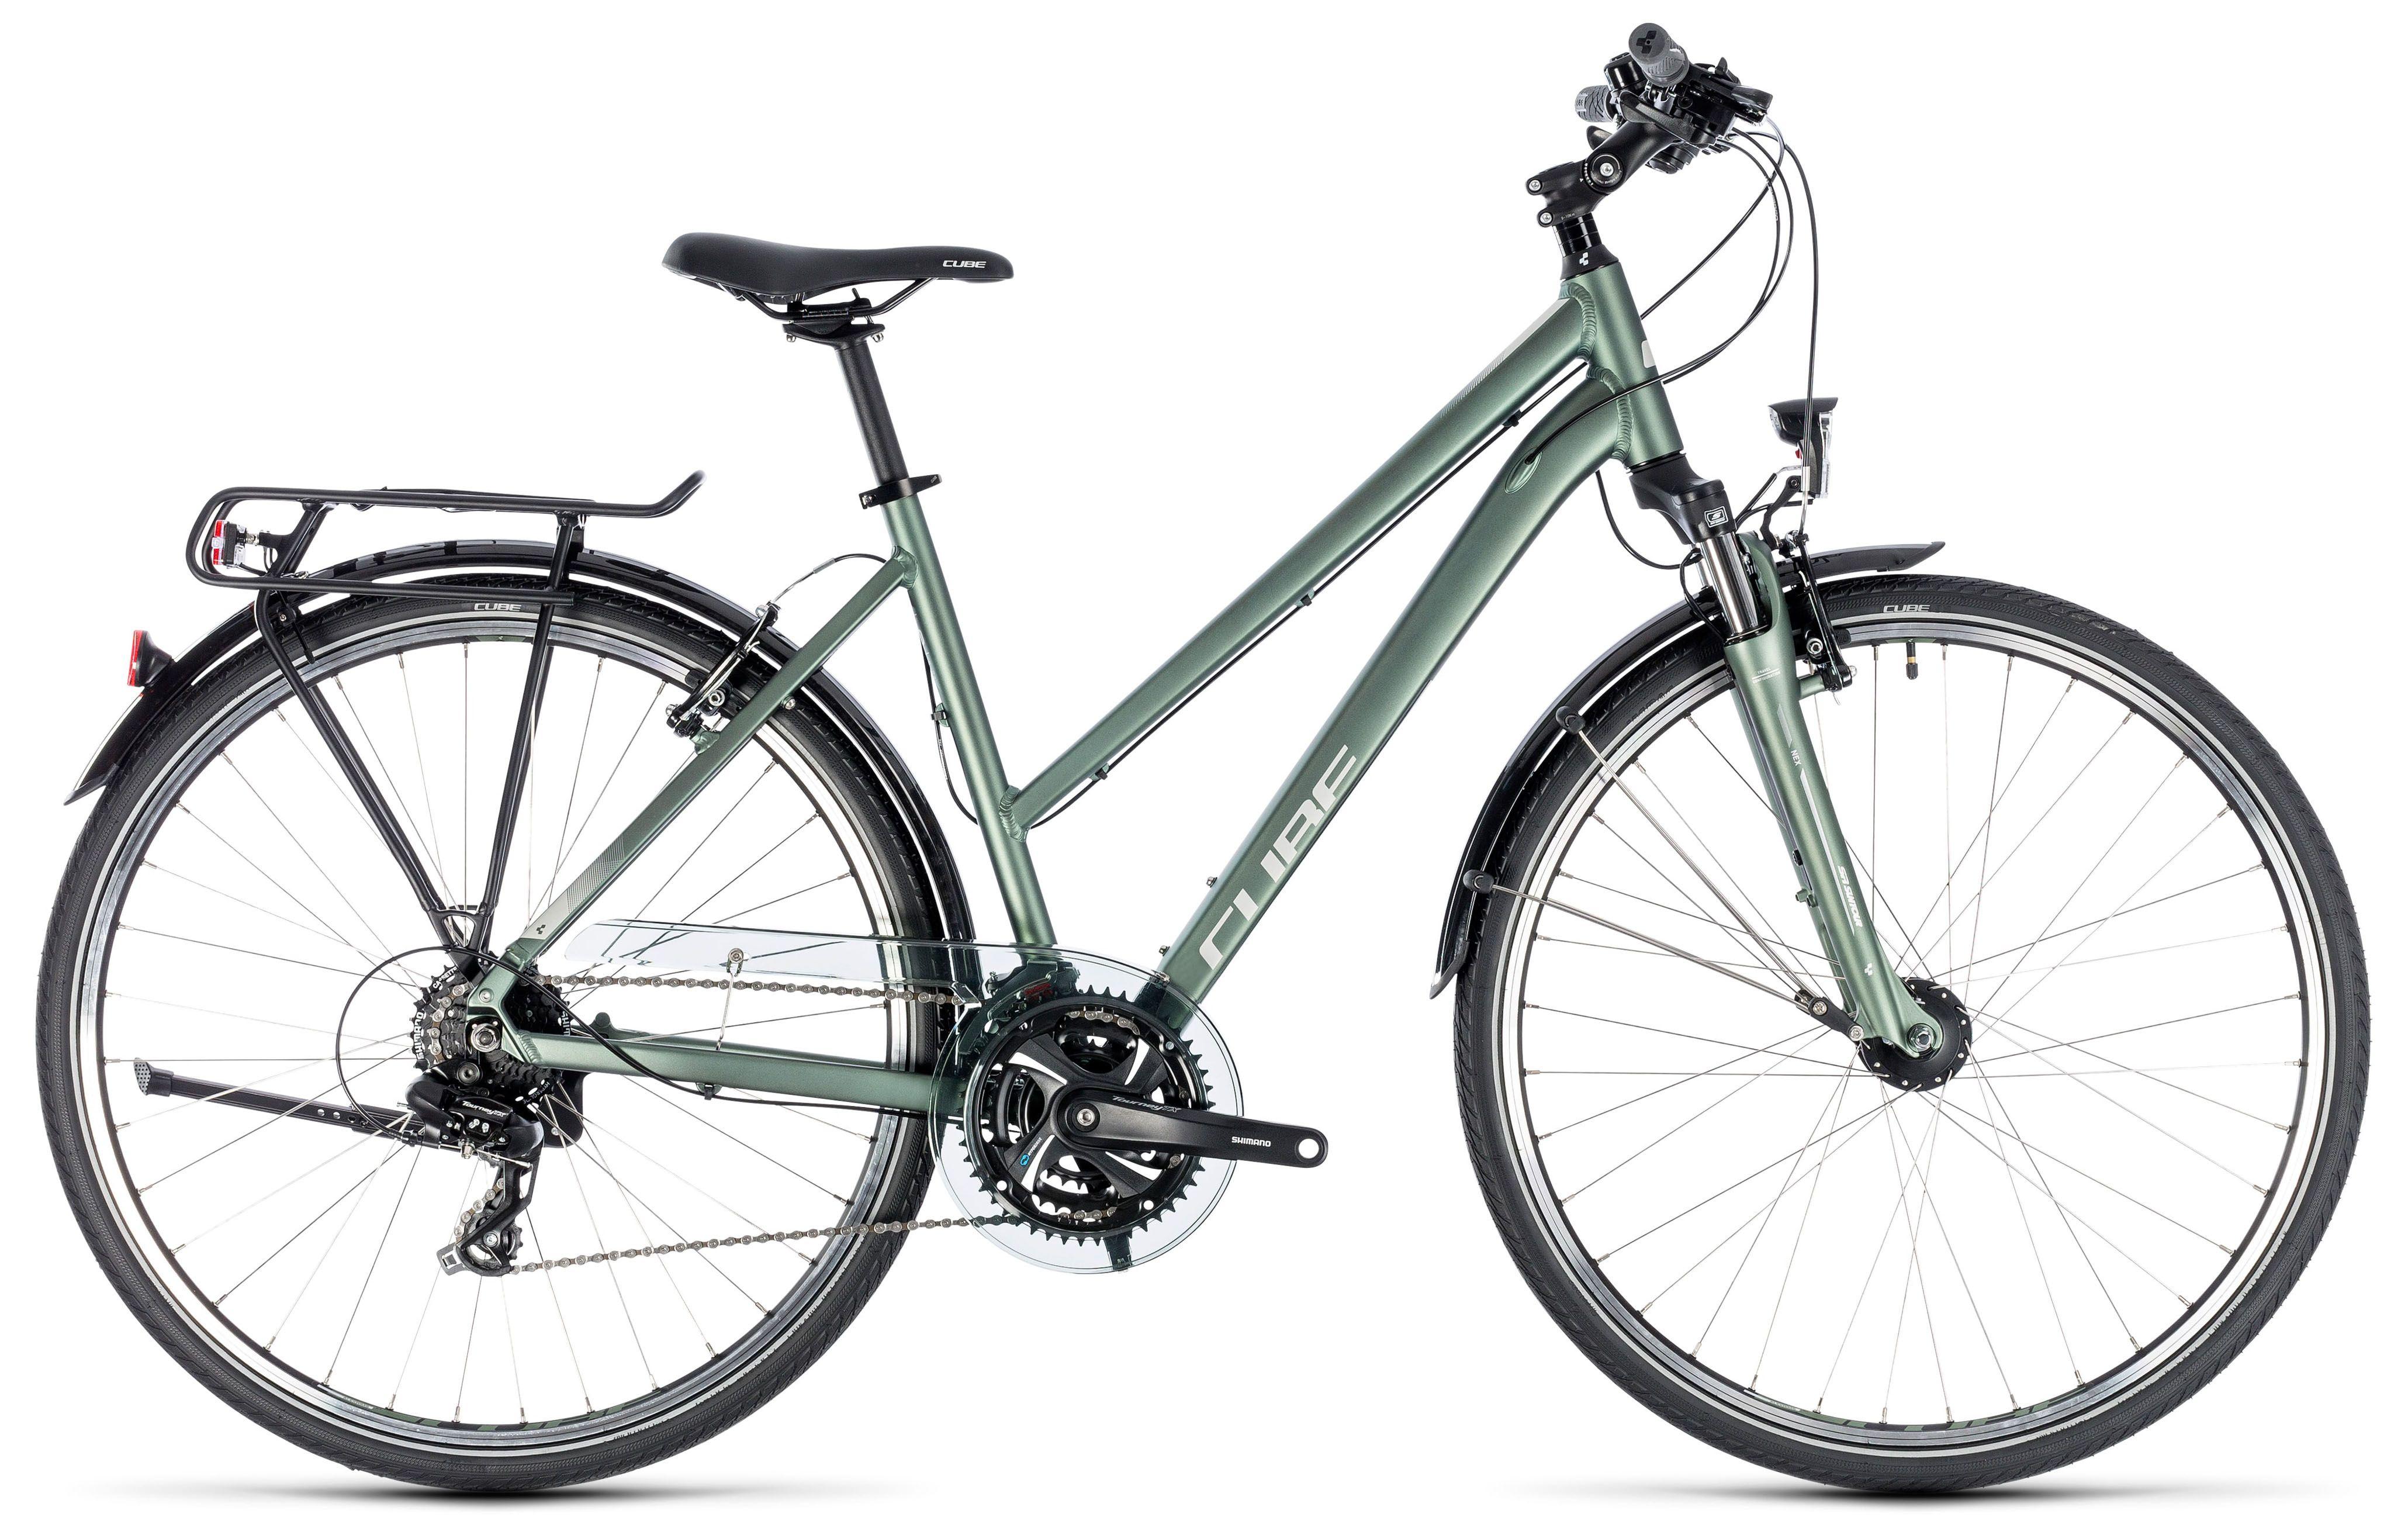 Велосипед Cube Touring Trapeze 2018 женский велосипед навигатор купить в пензе